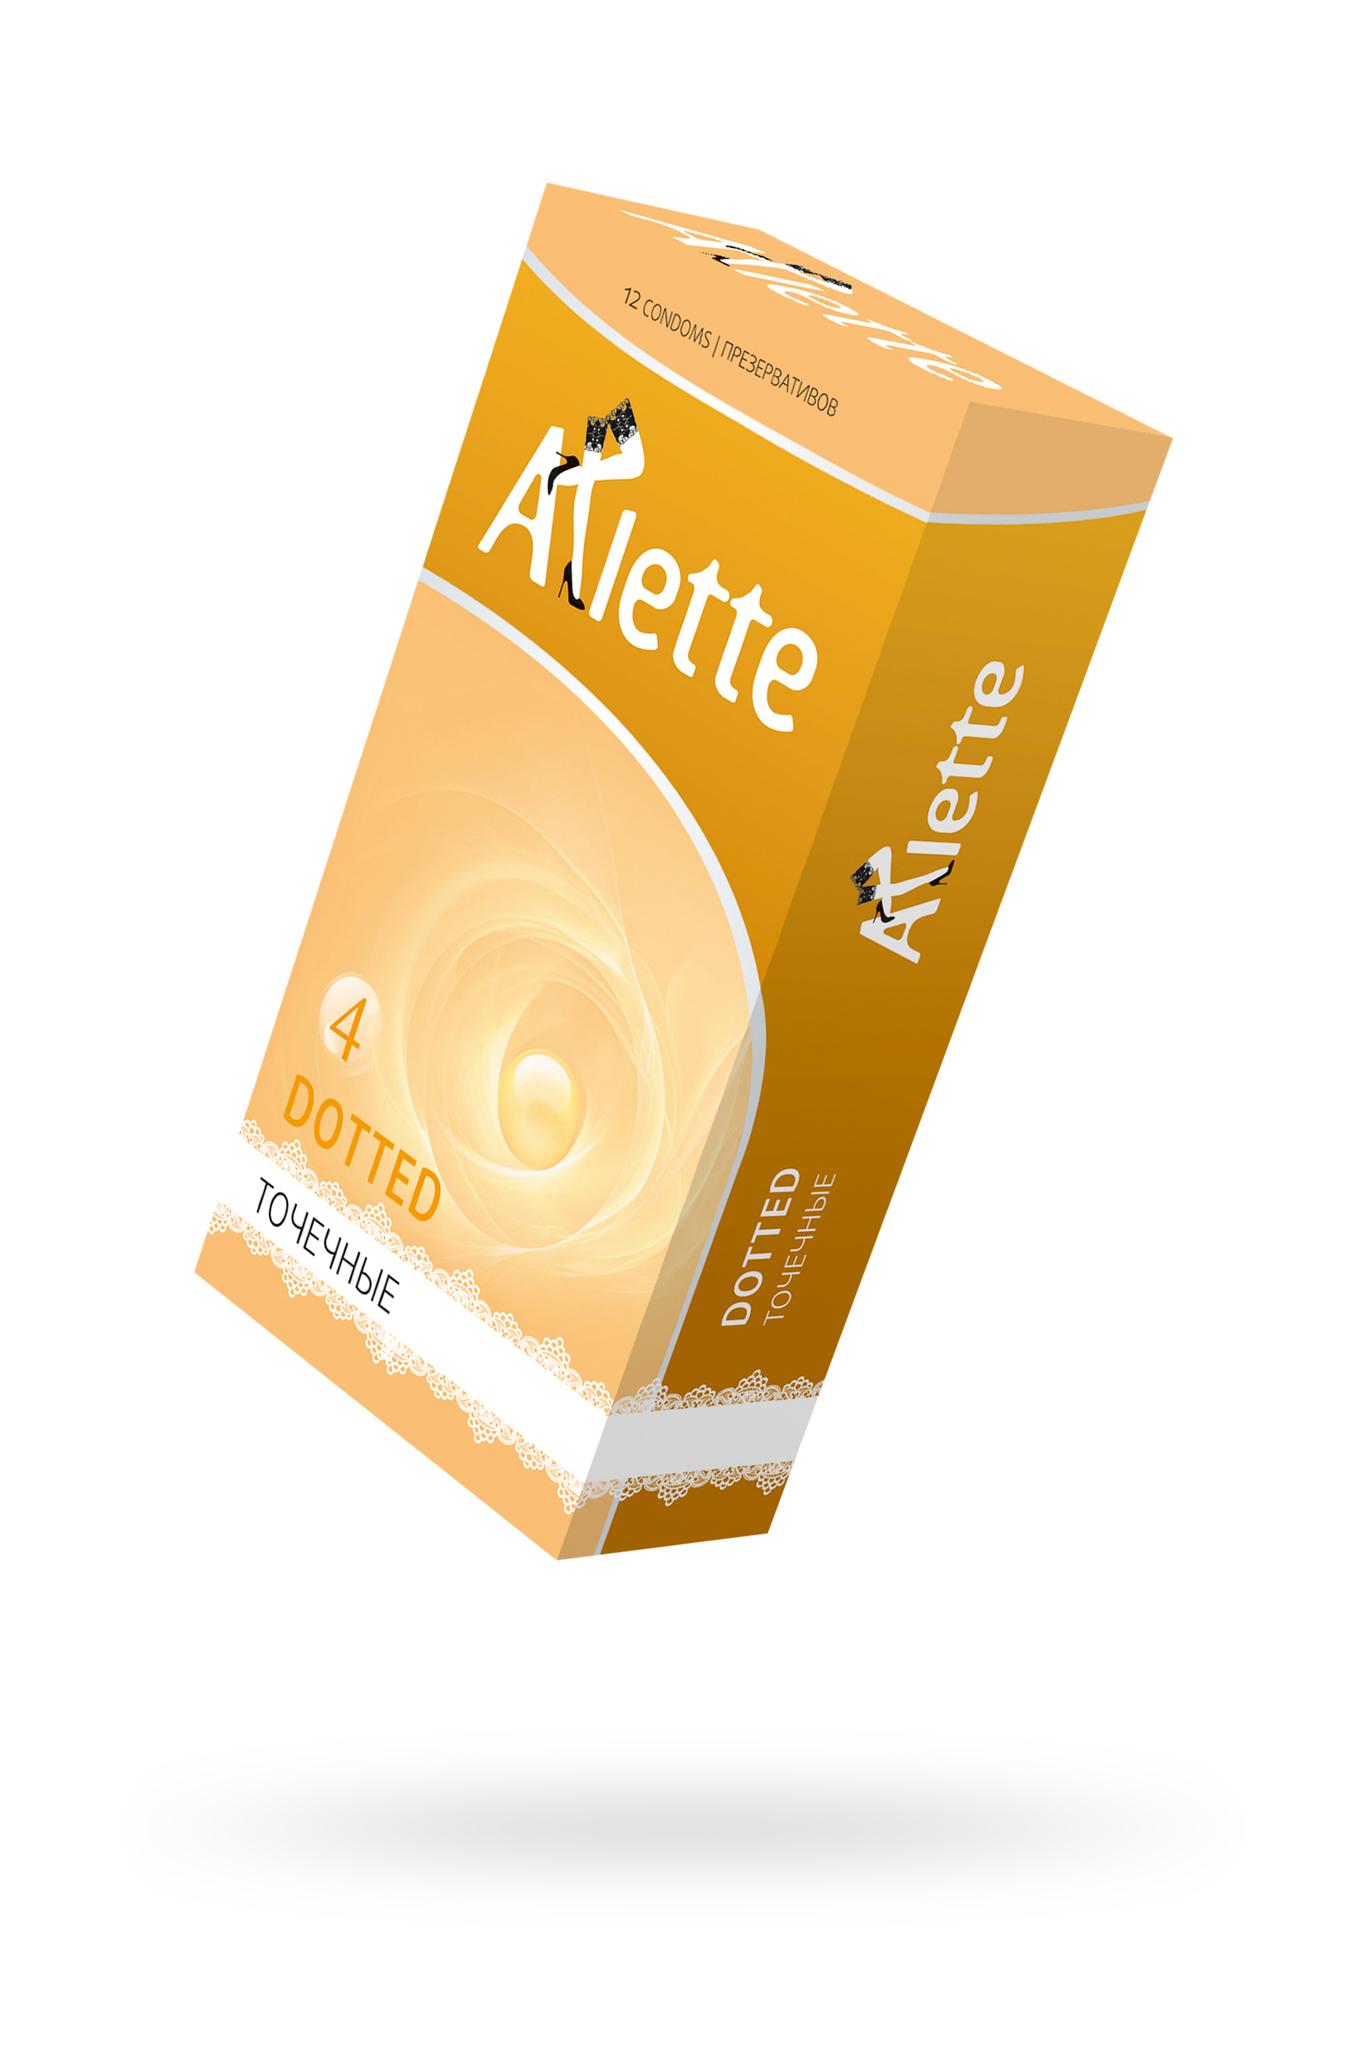 Презервативы Arlette №12, Dotted Точечные 12 шт. фото